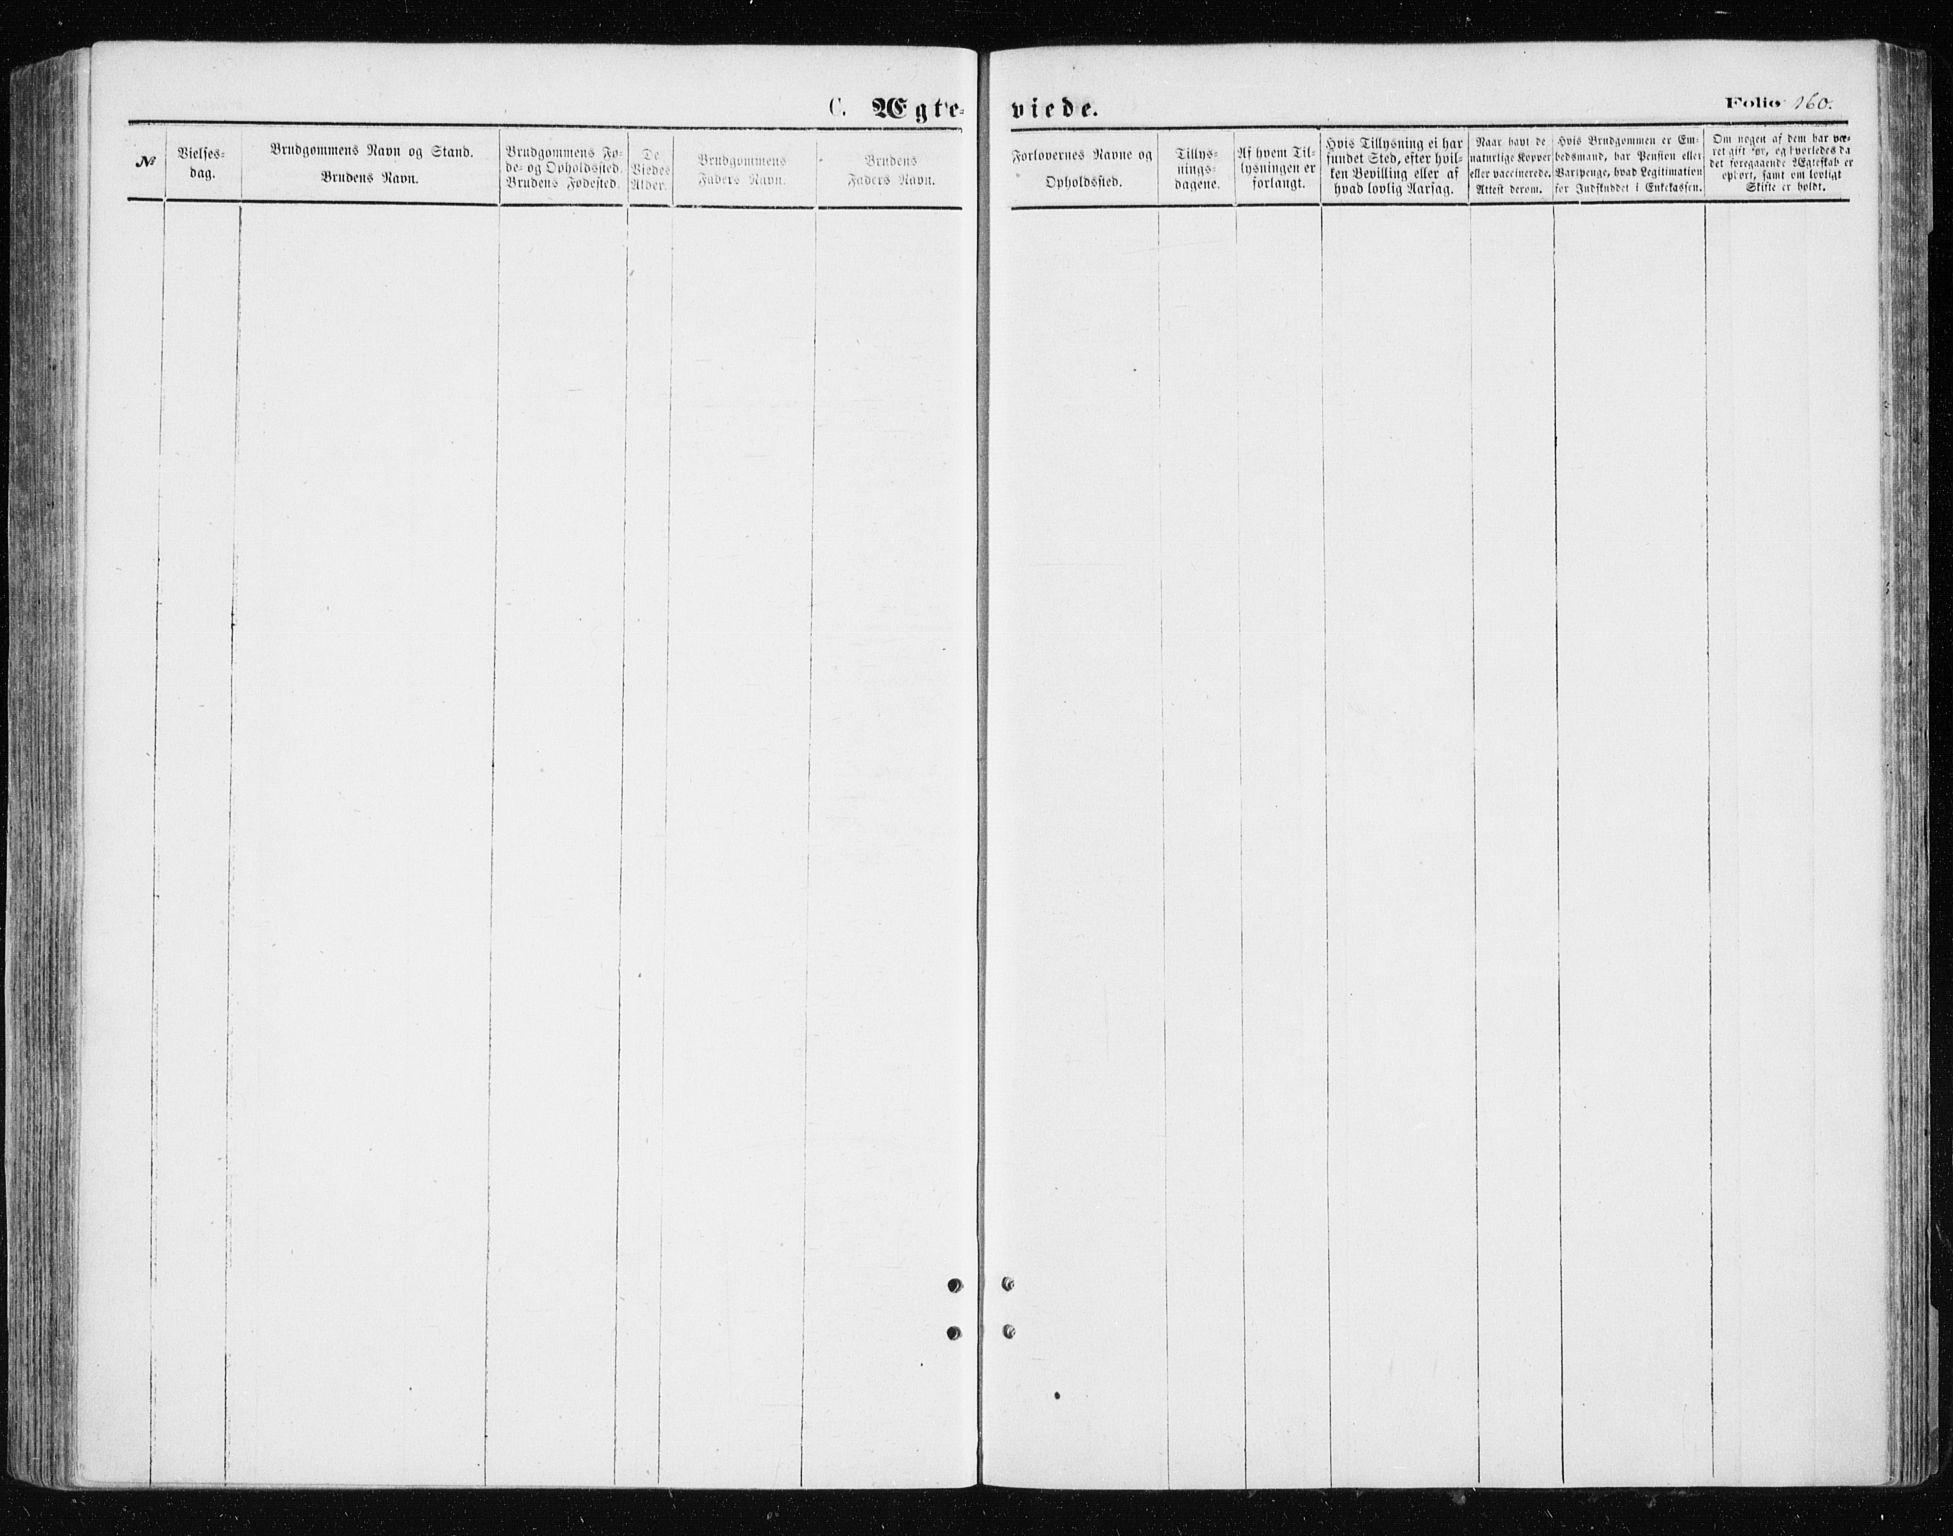 SATØ, Tromsøysund sokneprestkontor, G/Ga/L0003kirke: Ministerialbok nr. 3, 1875-1880, s. 160